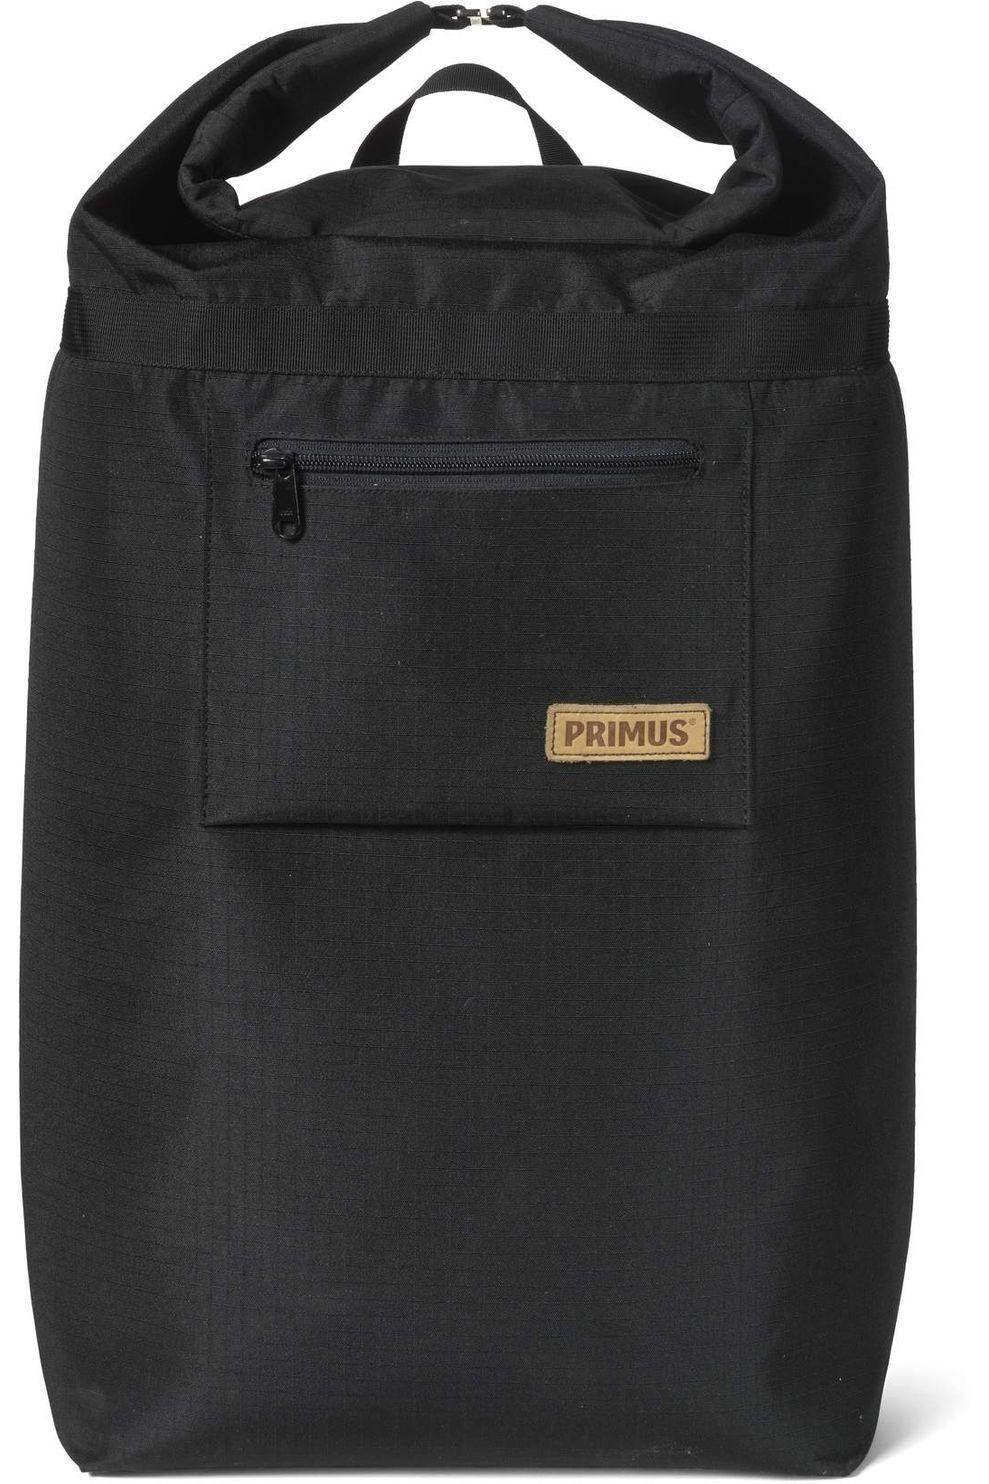 Primus Cooler Backpack - Zwart